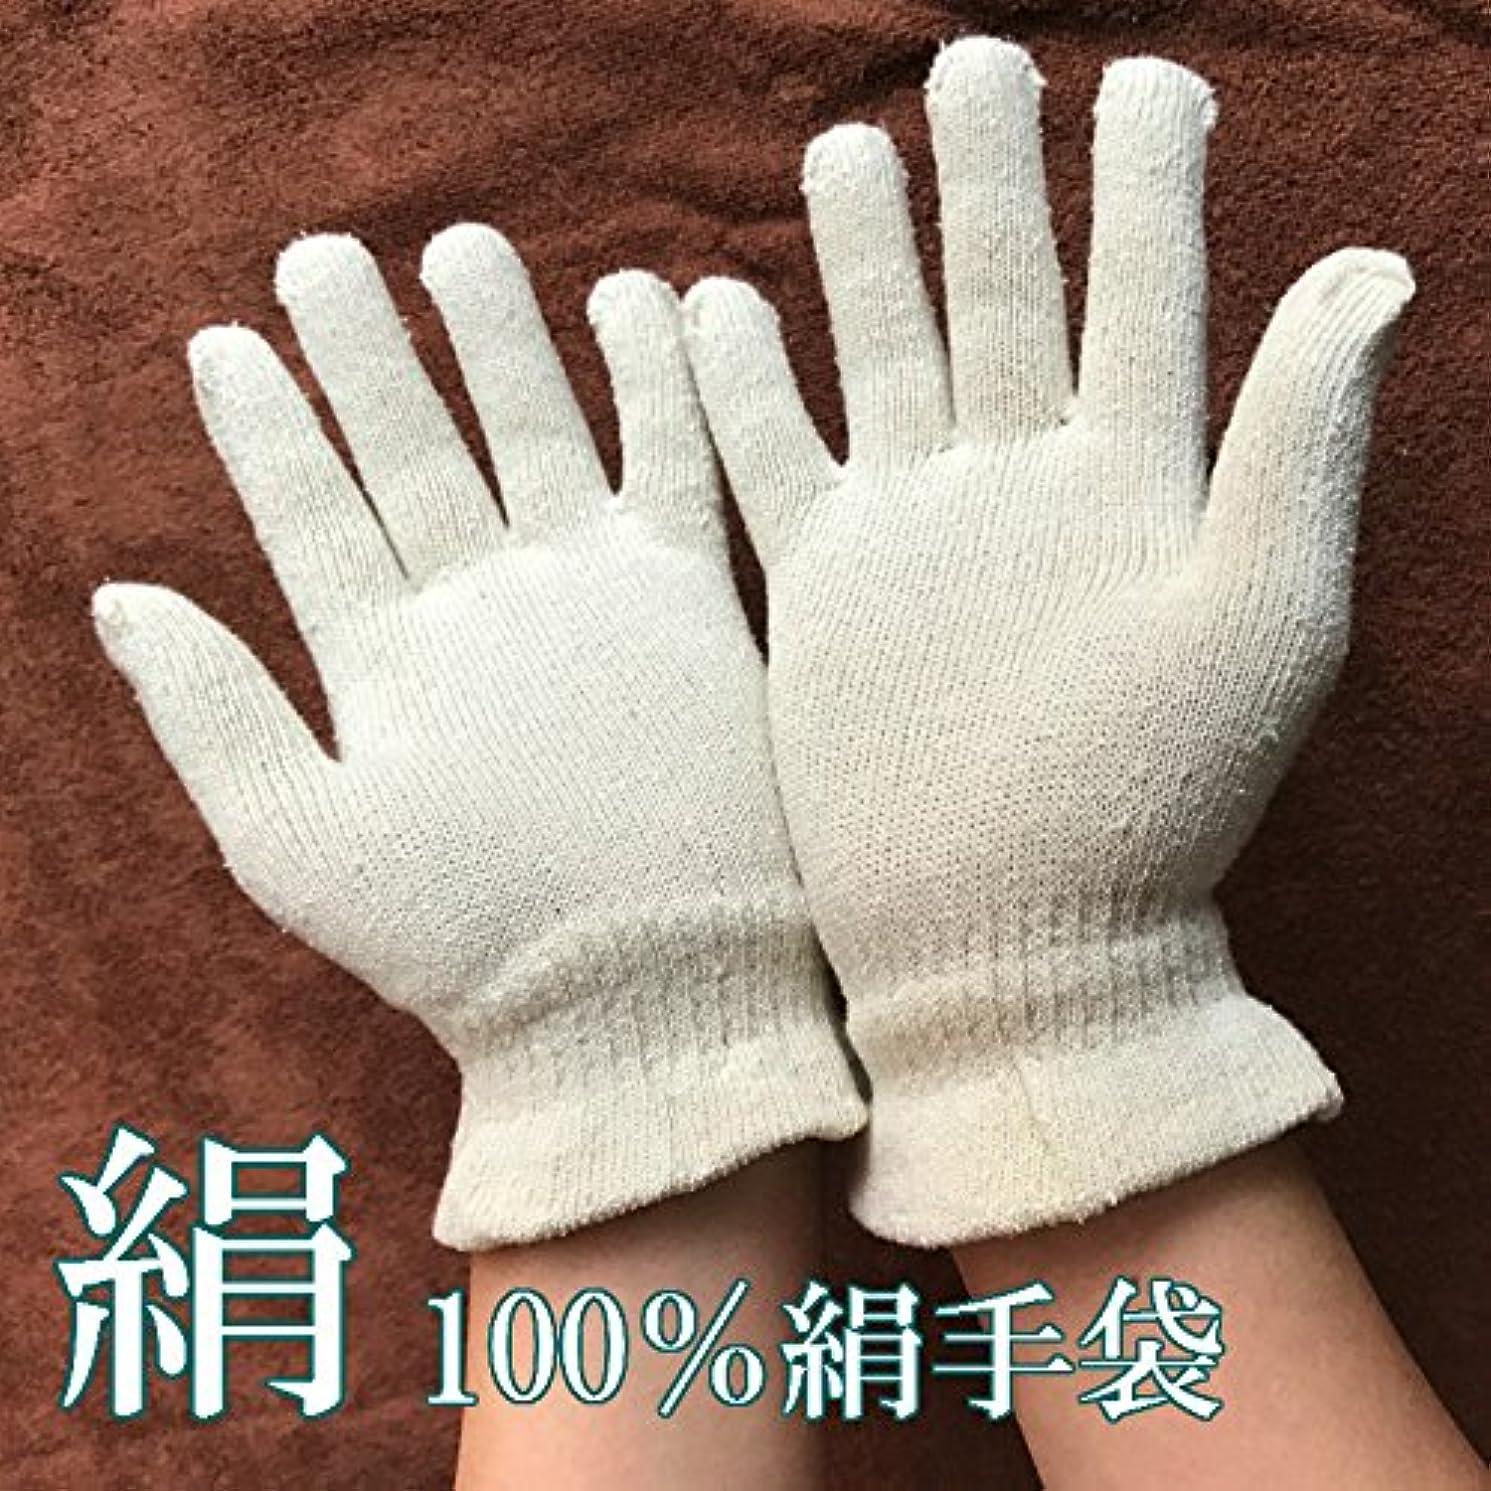 調和ヒロインオン絹手袋 シルク手袋 ガルシャナ アーユルヴェーダ